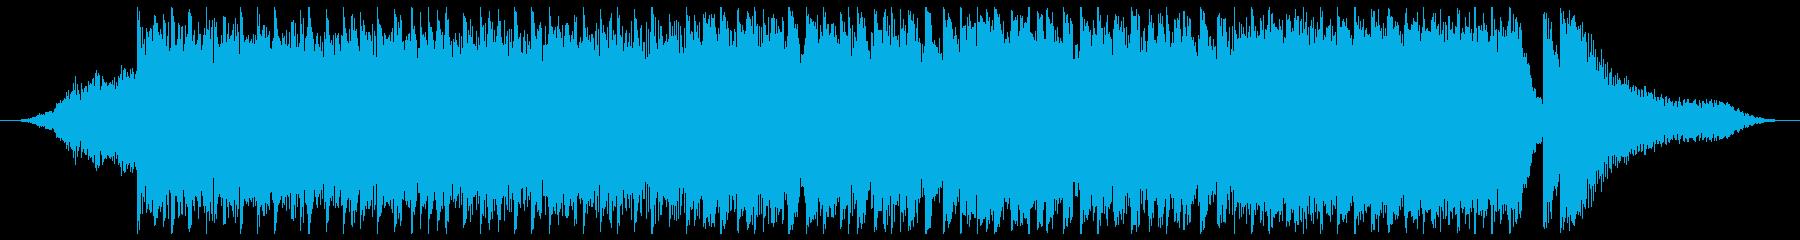 未来的で攻撃的なトラック-30秒の再生済みの波形